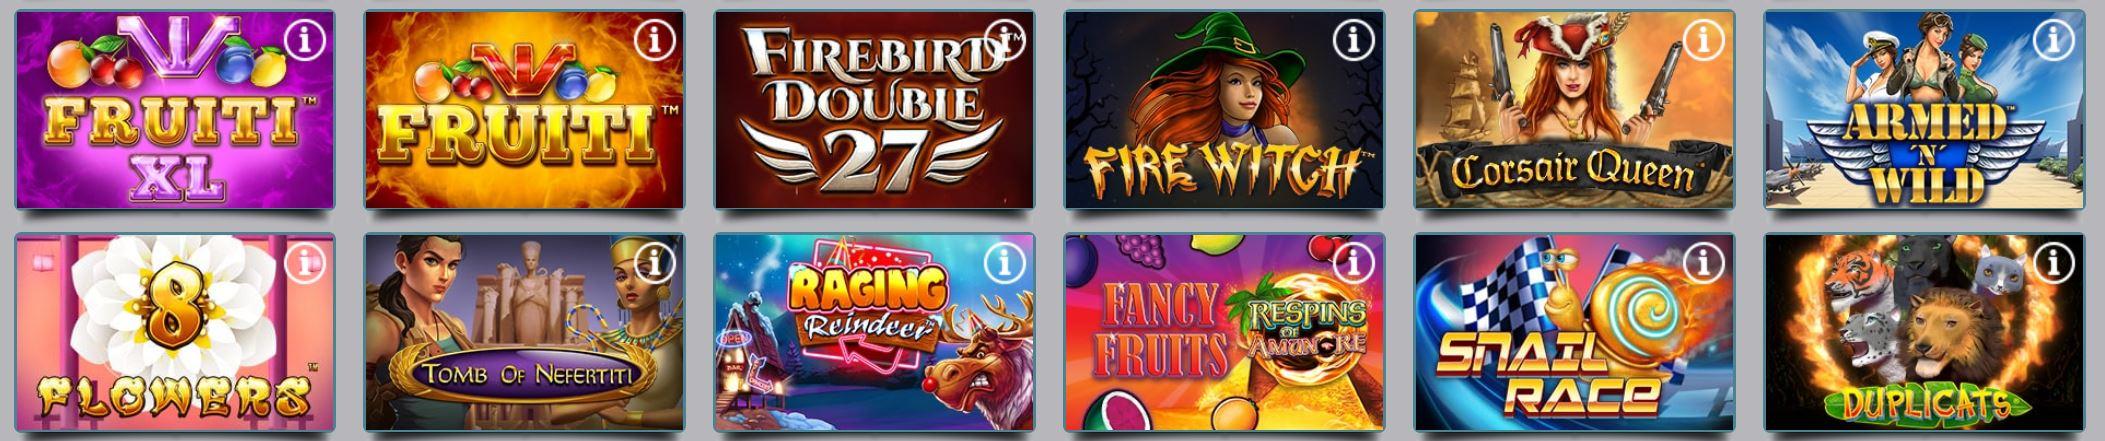 Karamba cuenta con un amplio catálogo de juegos para sus usuarios.